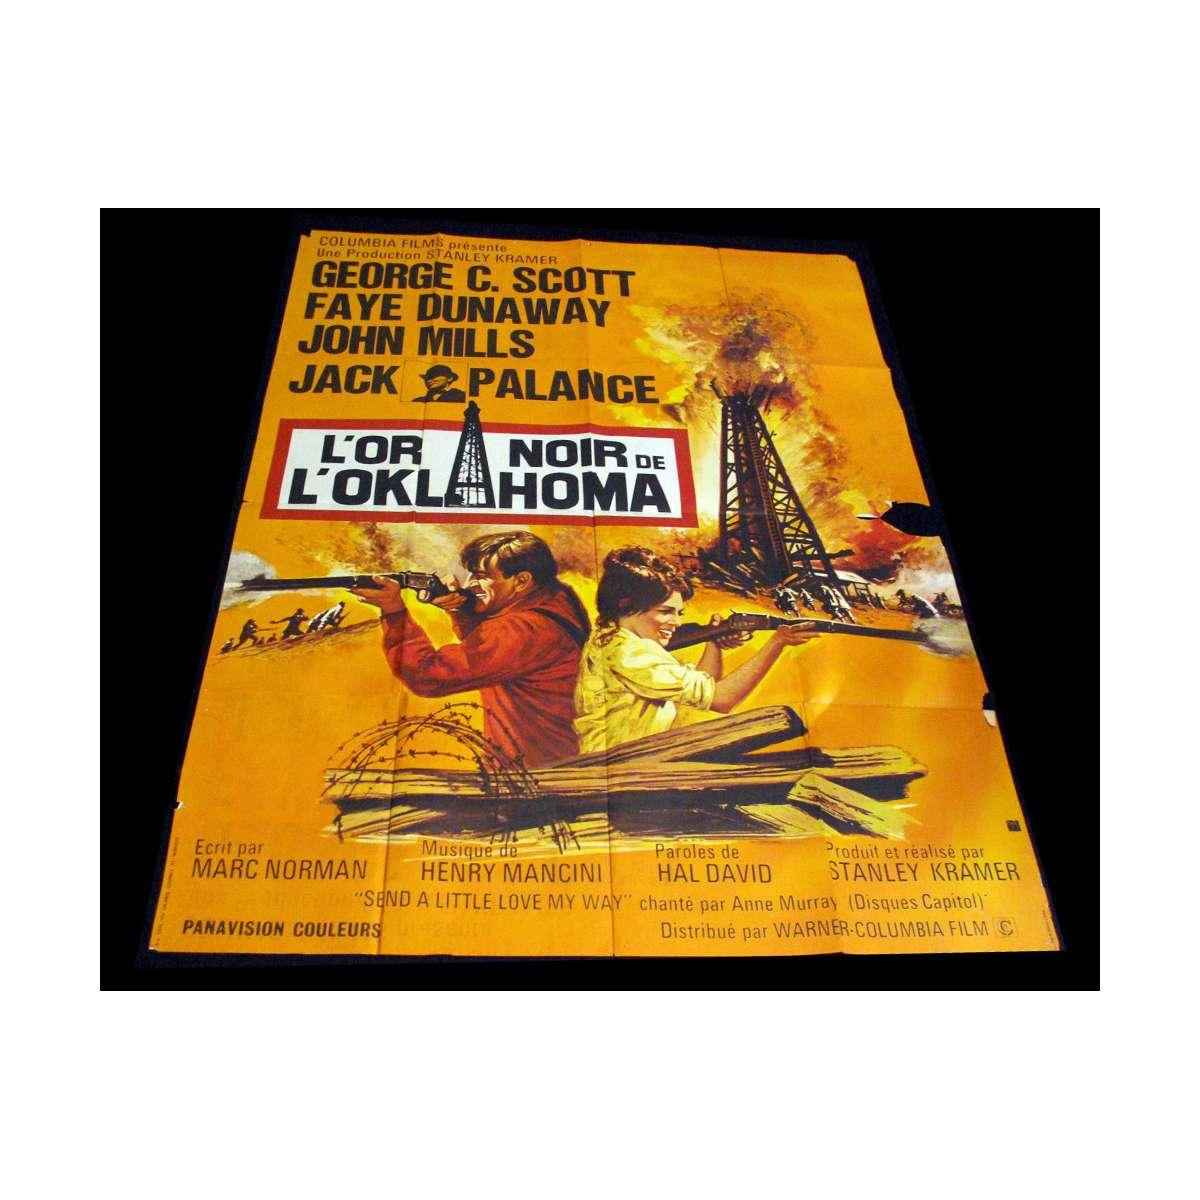 Jack Palance Filmes Top l'or noir de l'oklahoma affiche